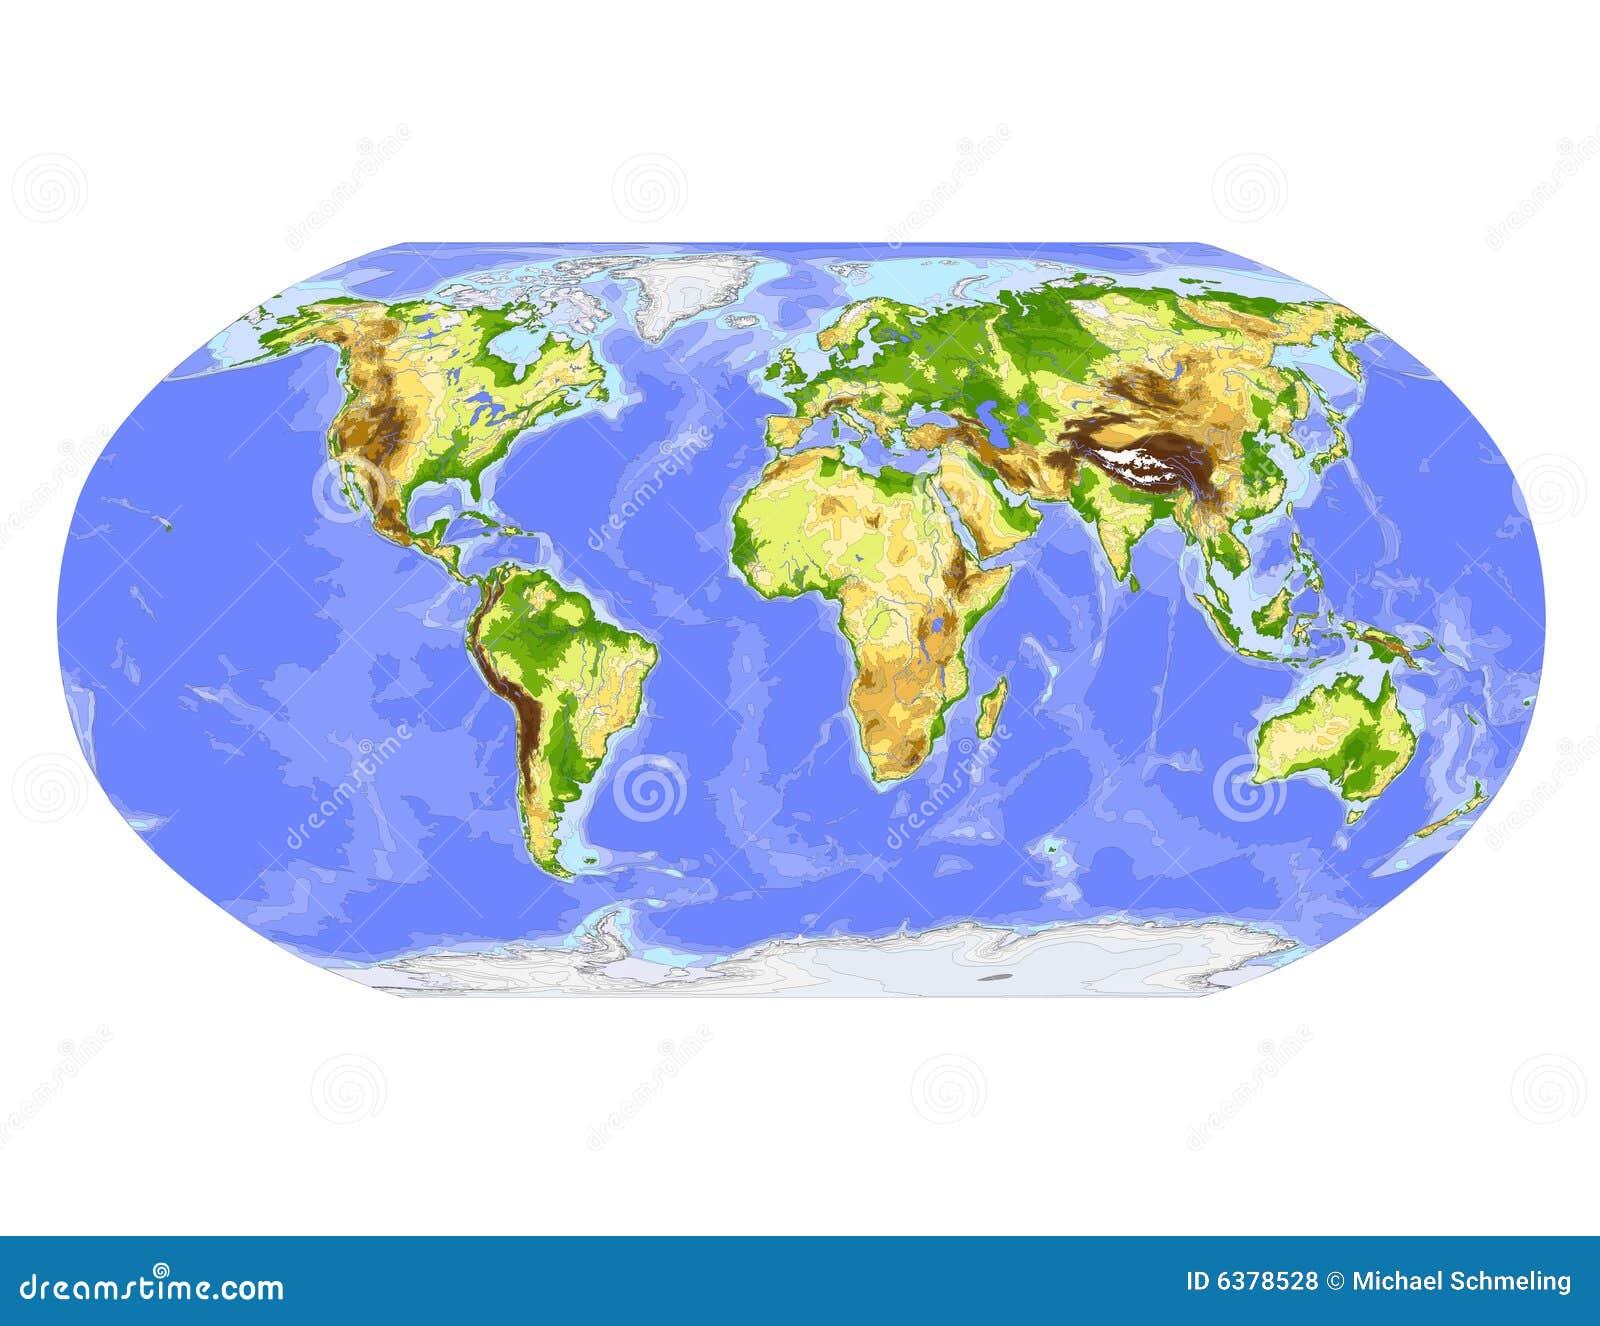 editable usa map